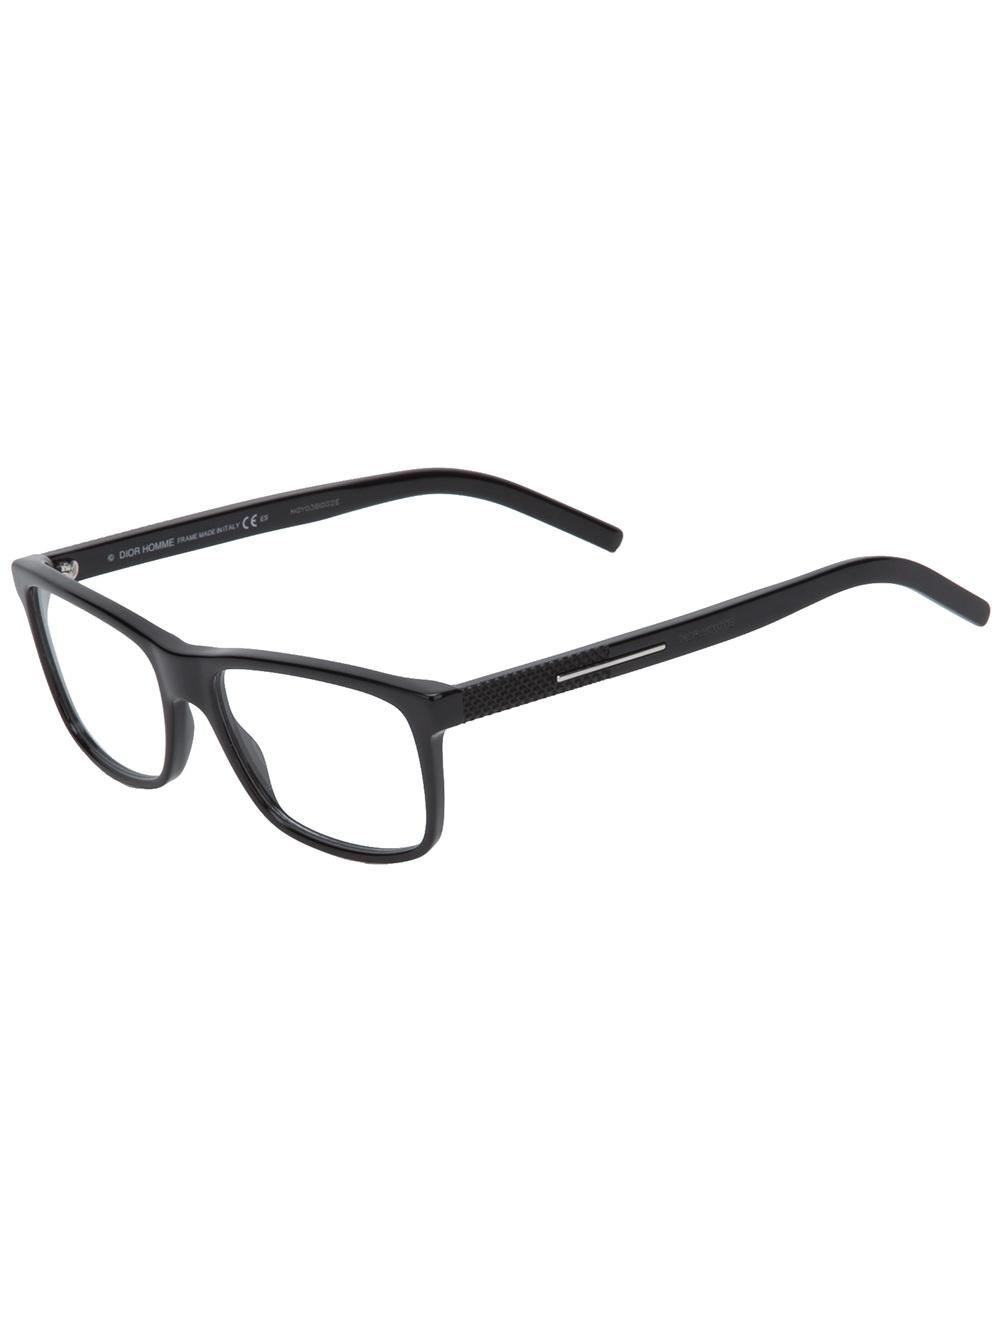 Dior Black Frame Glasses : Dior Homme Square Frame Glasses in Black for Men Lyst